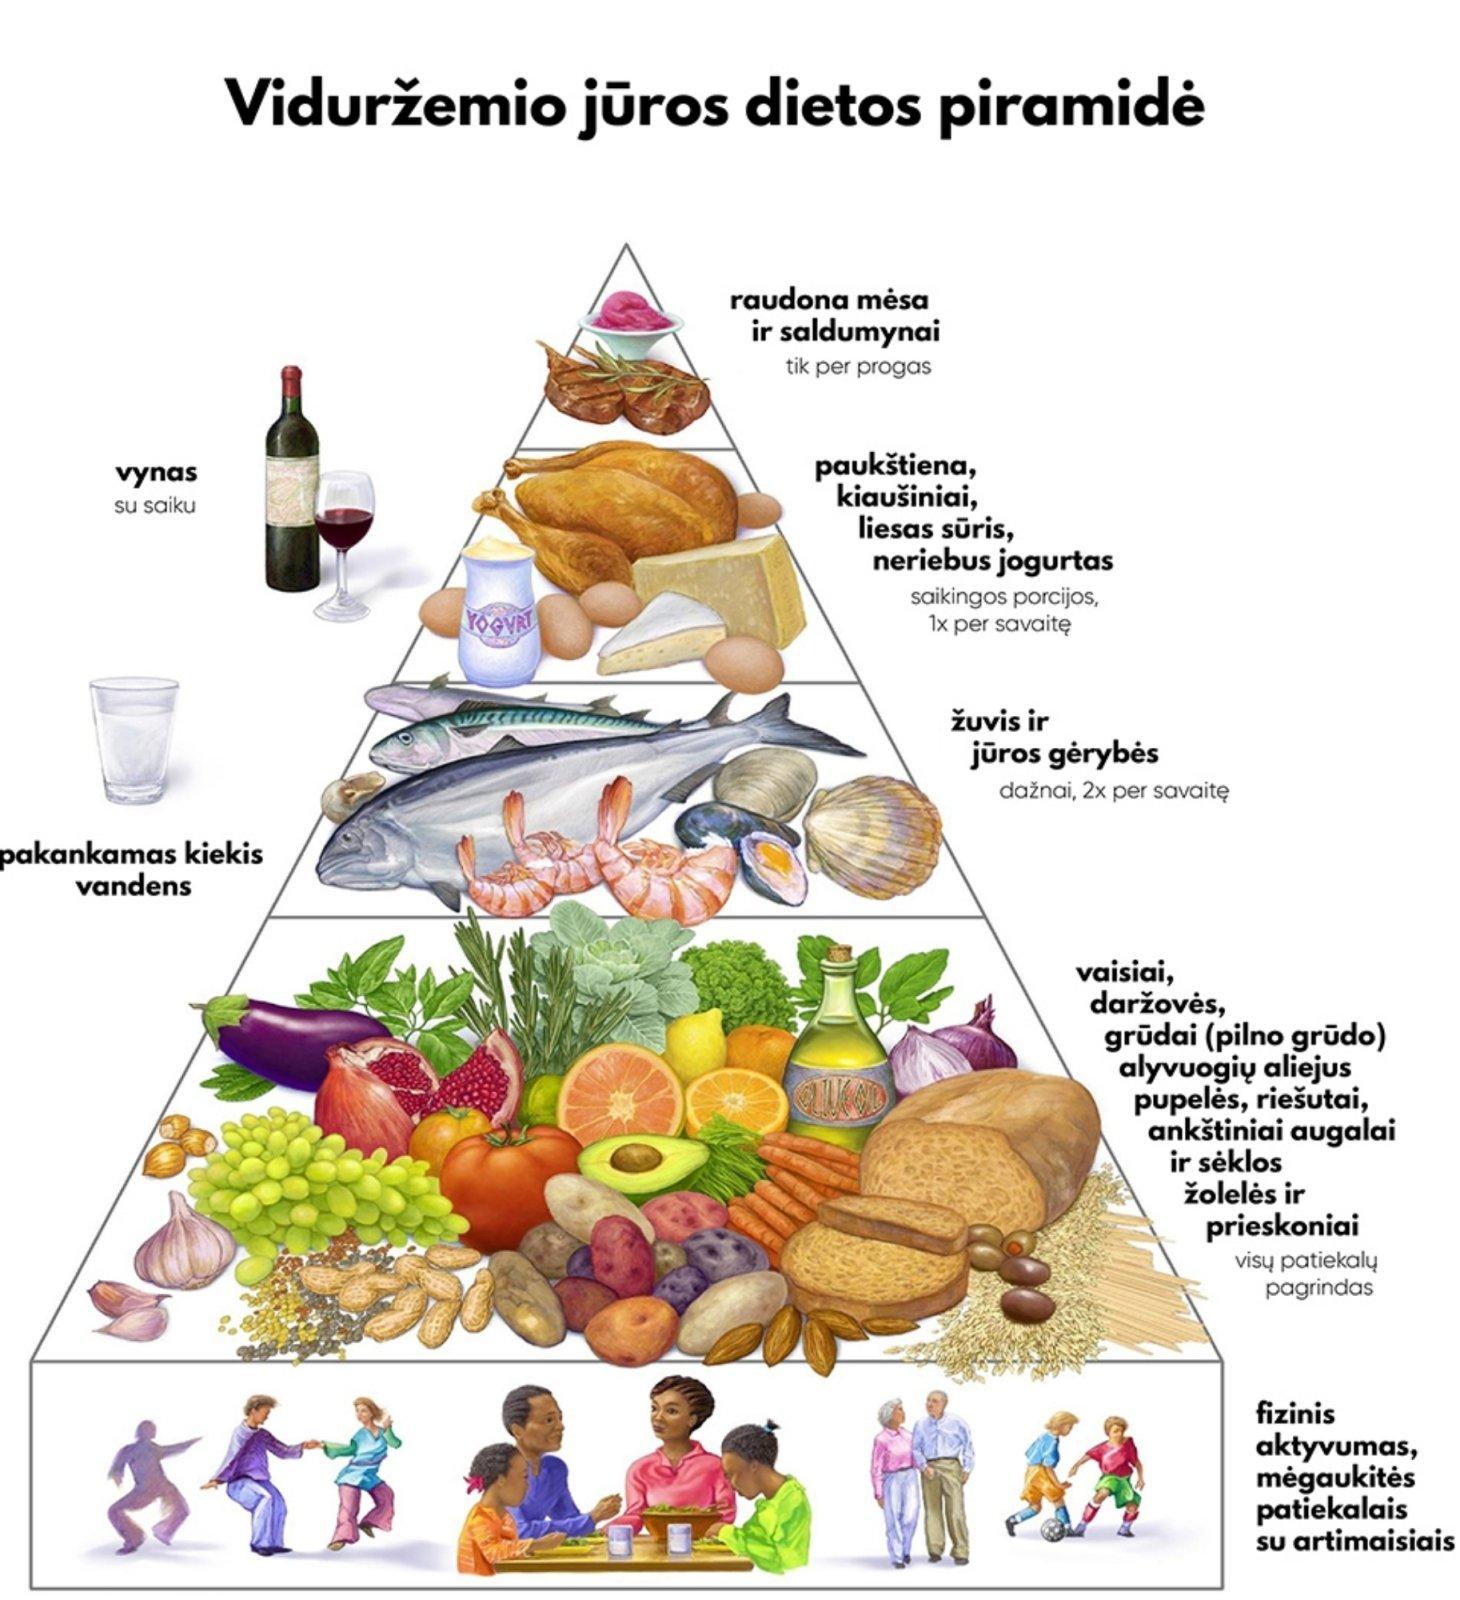 Dieta geriausiai padeda mažinti cholesterolio kiekį kraujyje - jusukalve.lt